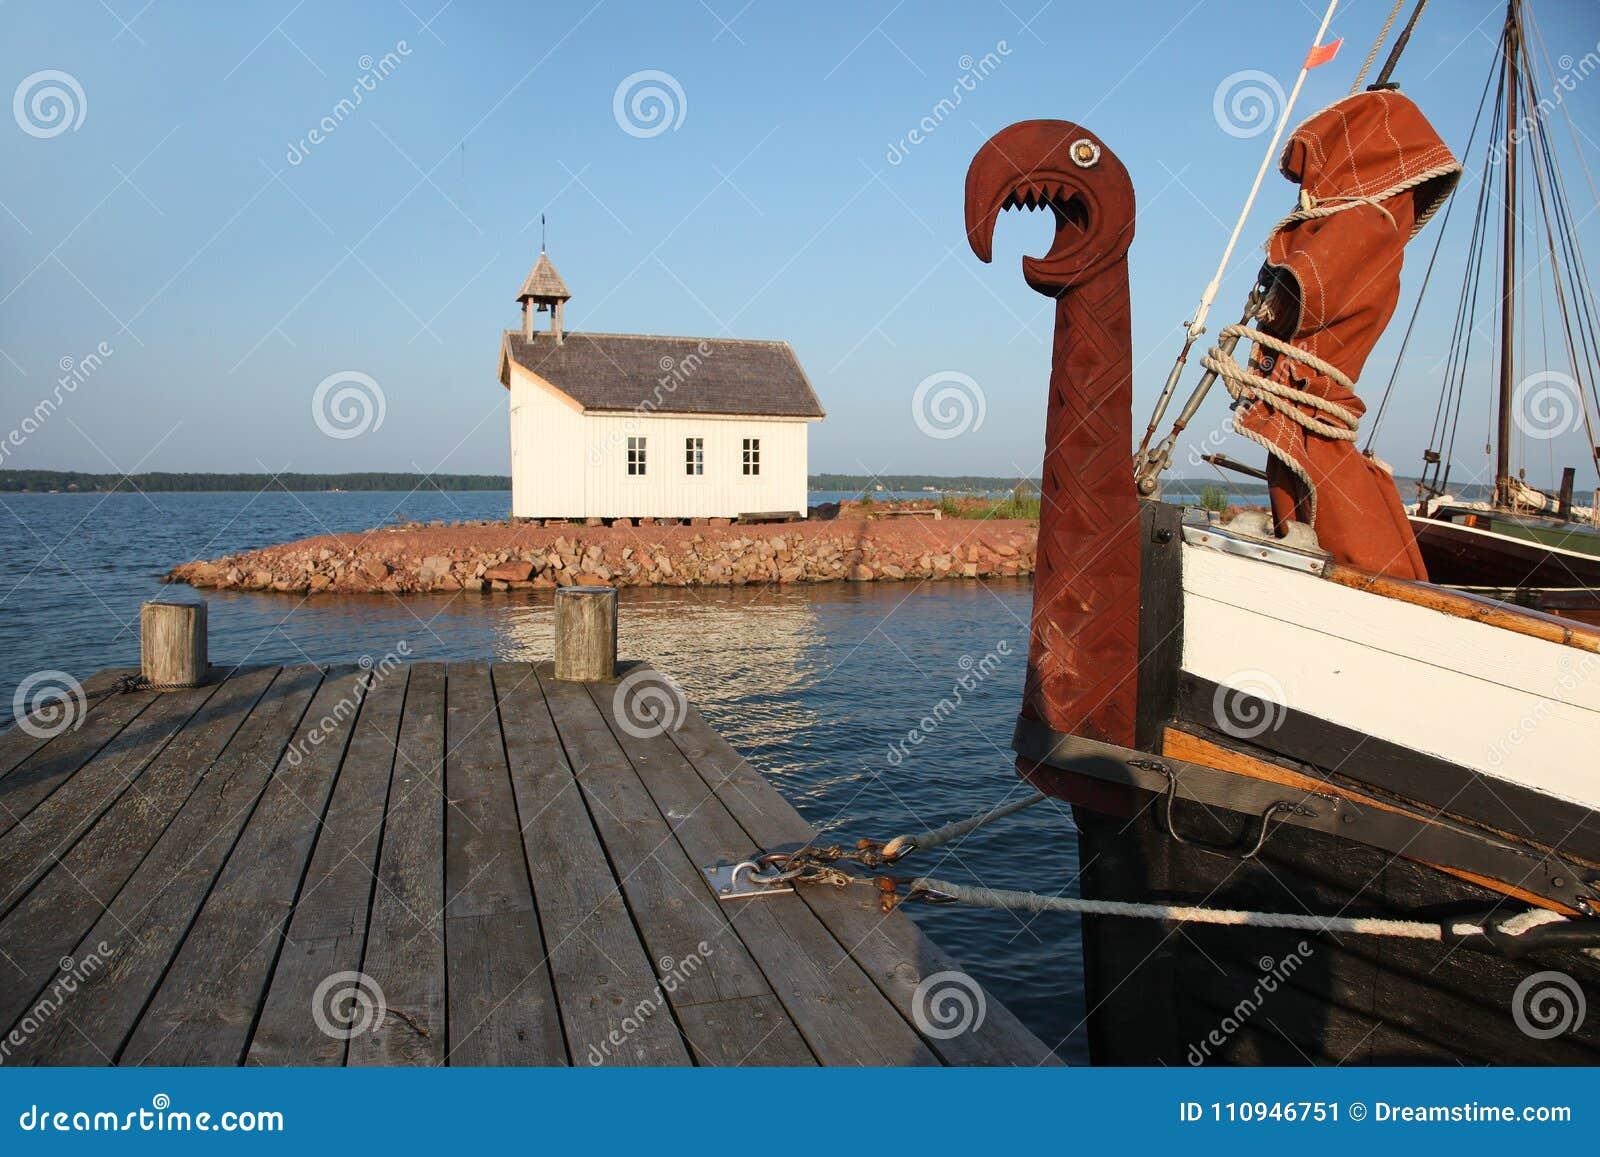 Viking kaplica w stoczni w Marienhamn i łódź